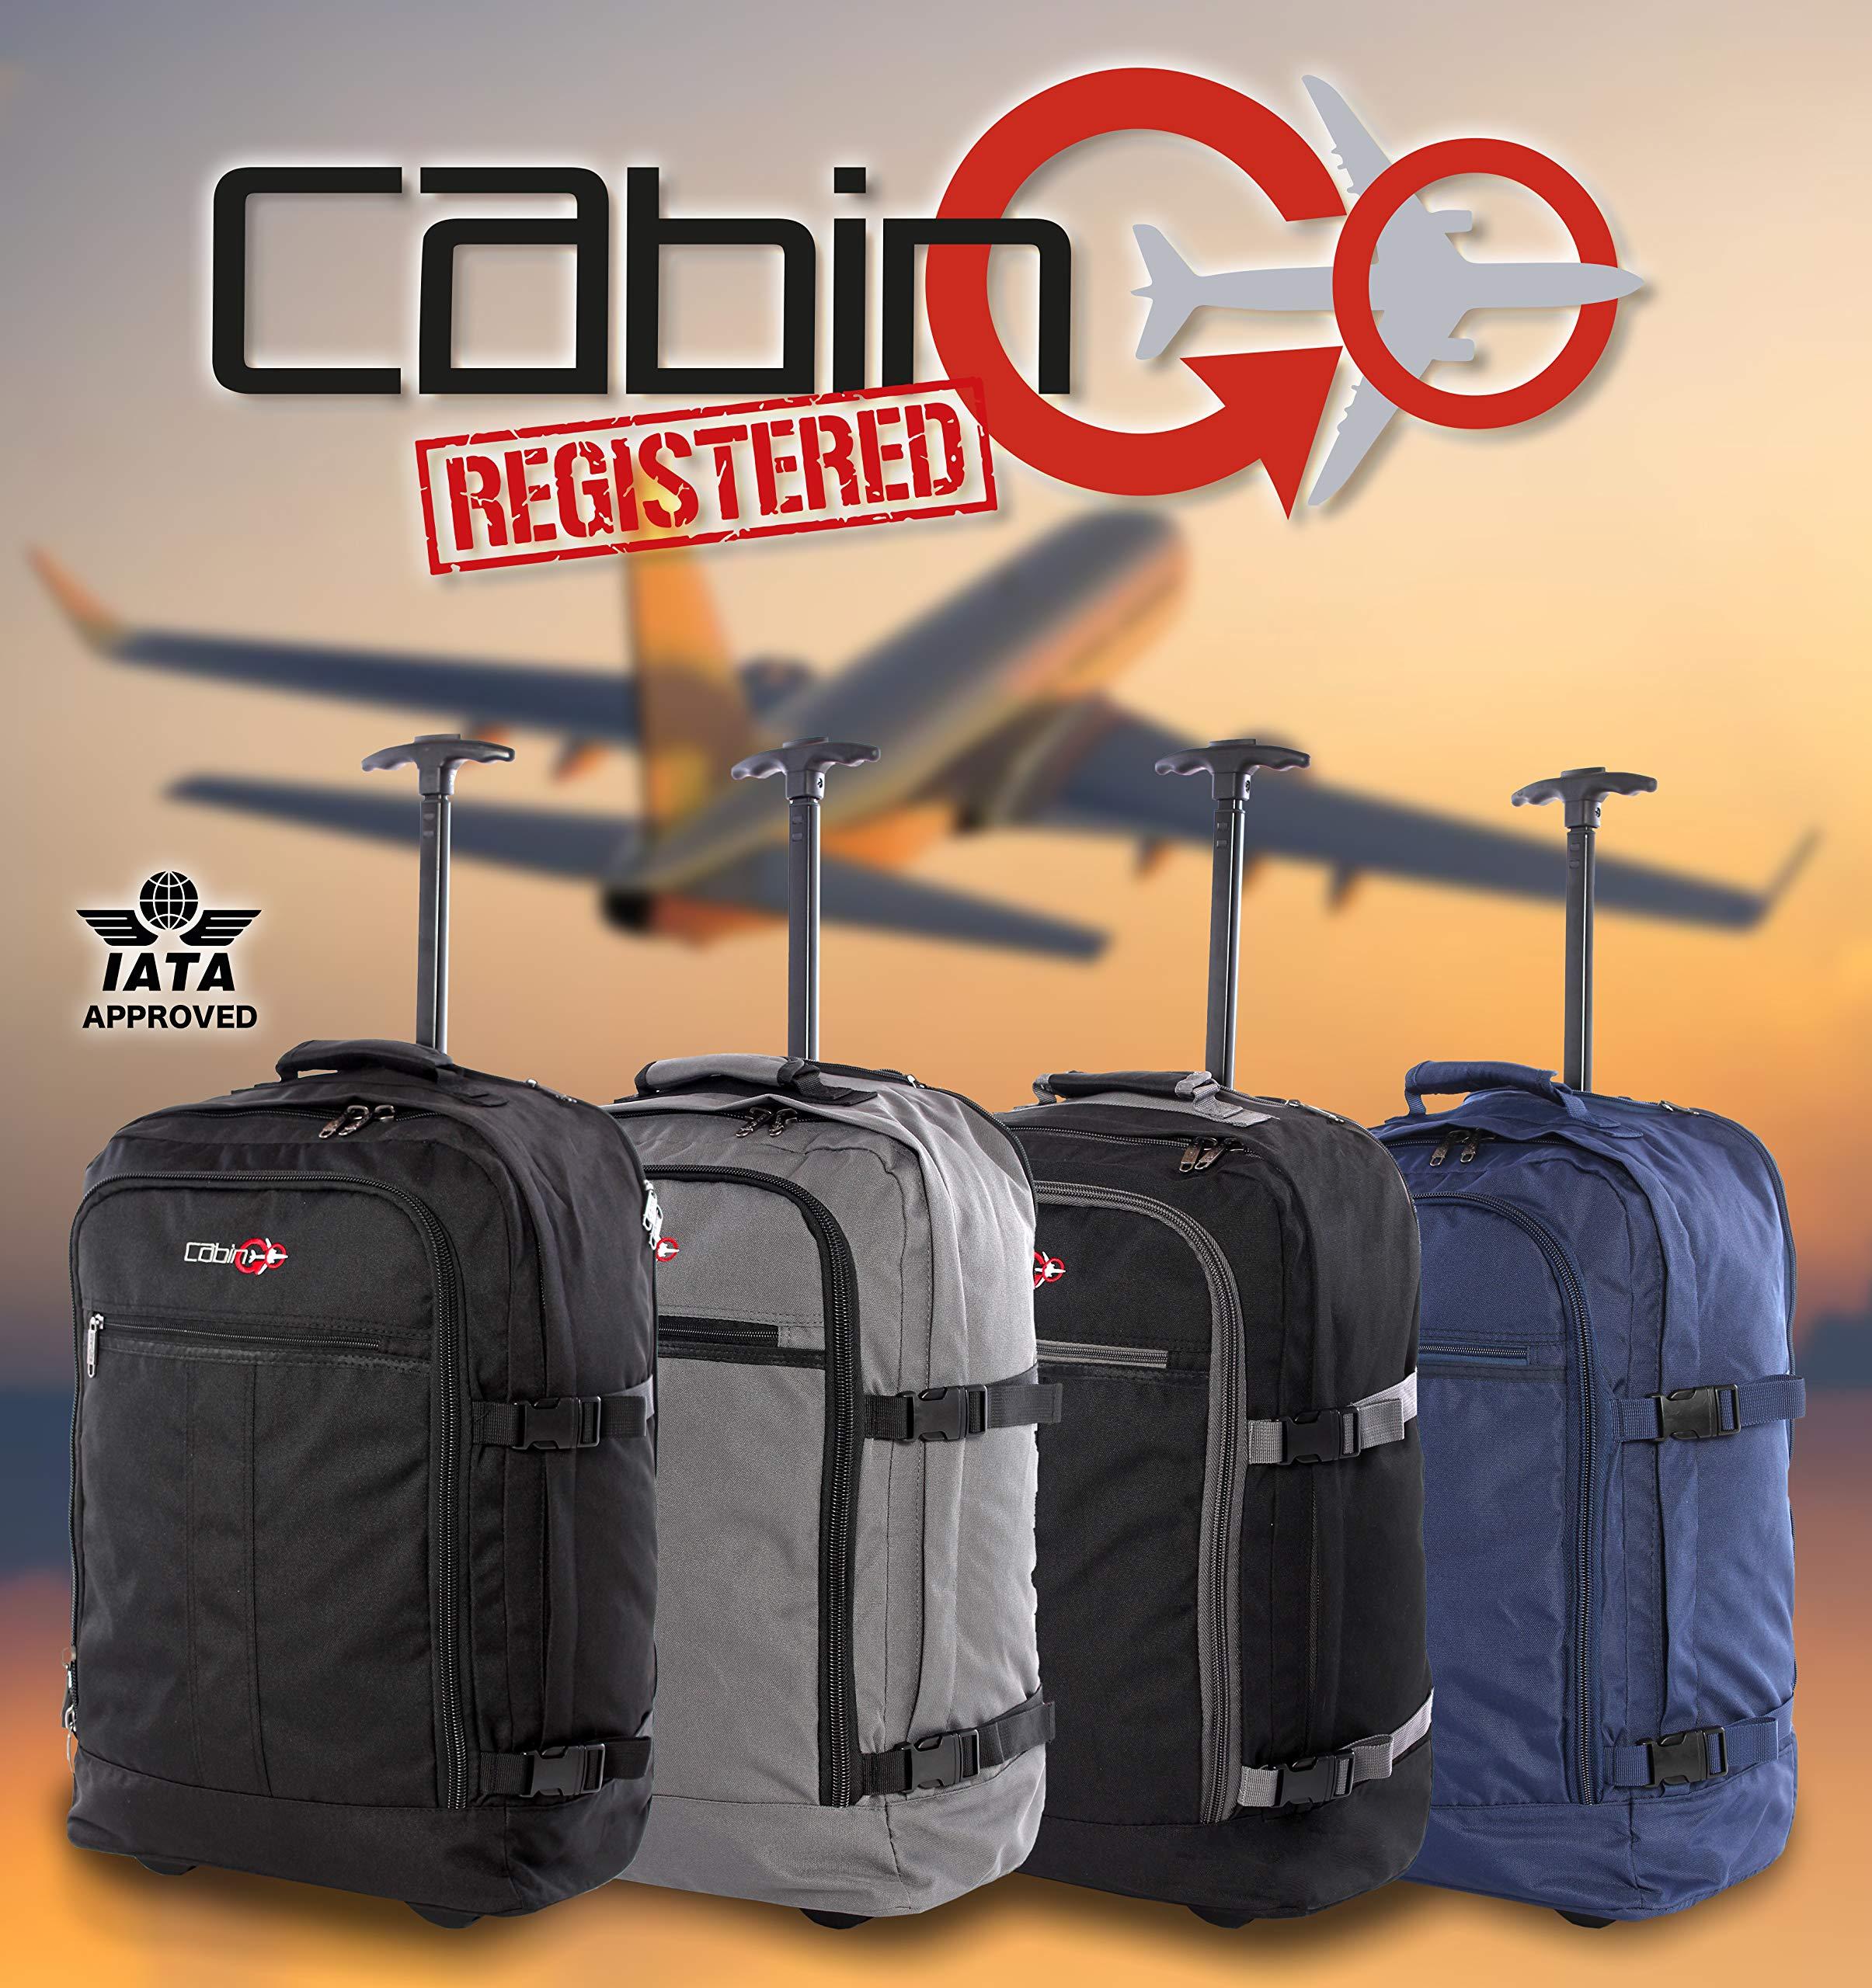 CABIN-GO-cod-MAX-5520-Trolley-Handgepck-Rucksackleichte-Reisekabine-55-x-40-x-20-cm-44-Liter-mit-Rollen-Zugelassener-Flug-mit-IATAEasyJet-Ryanair